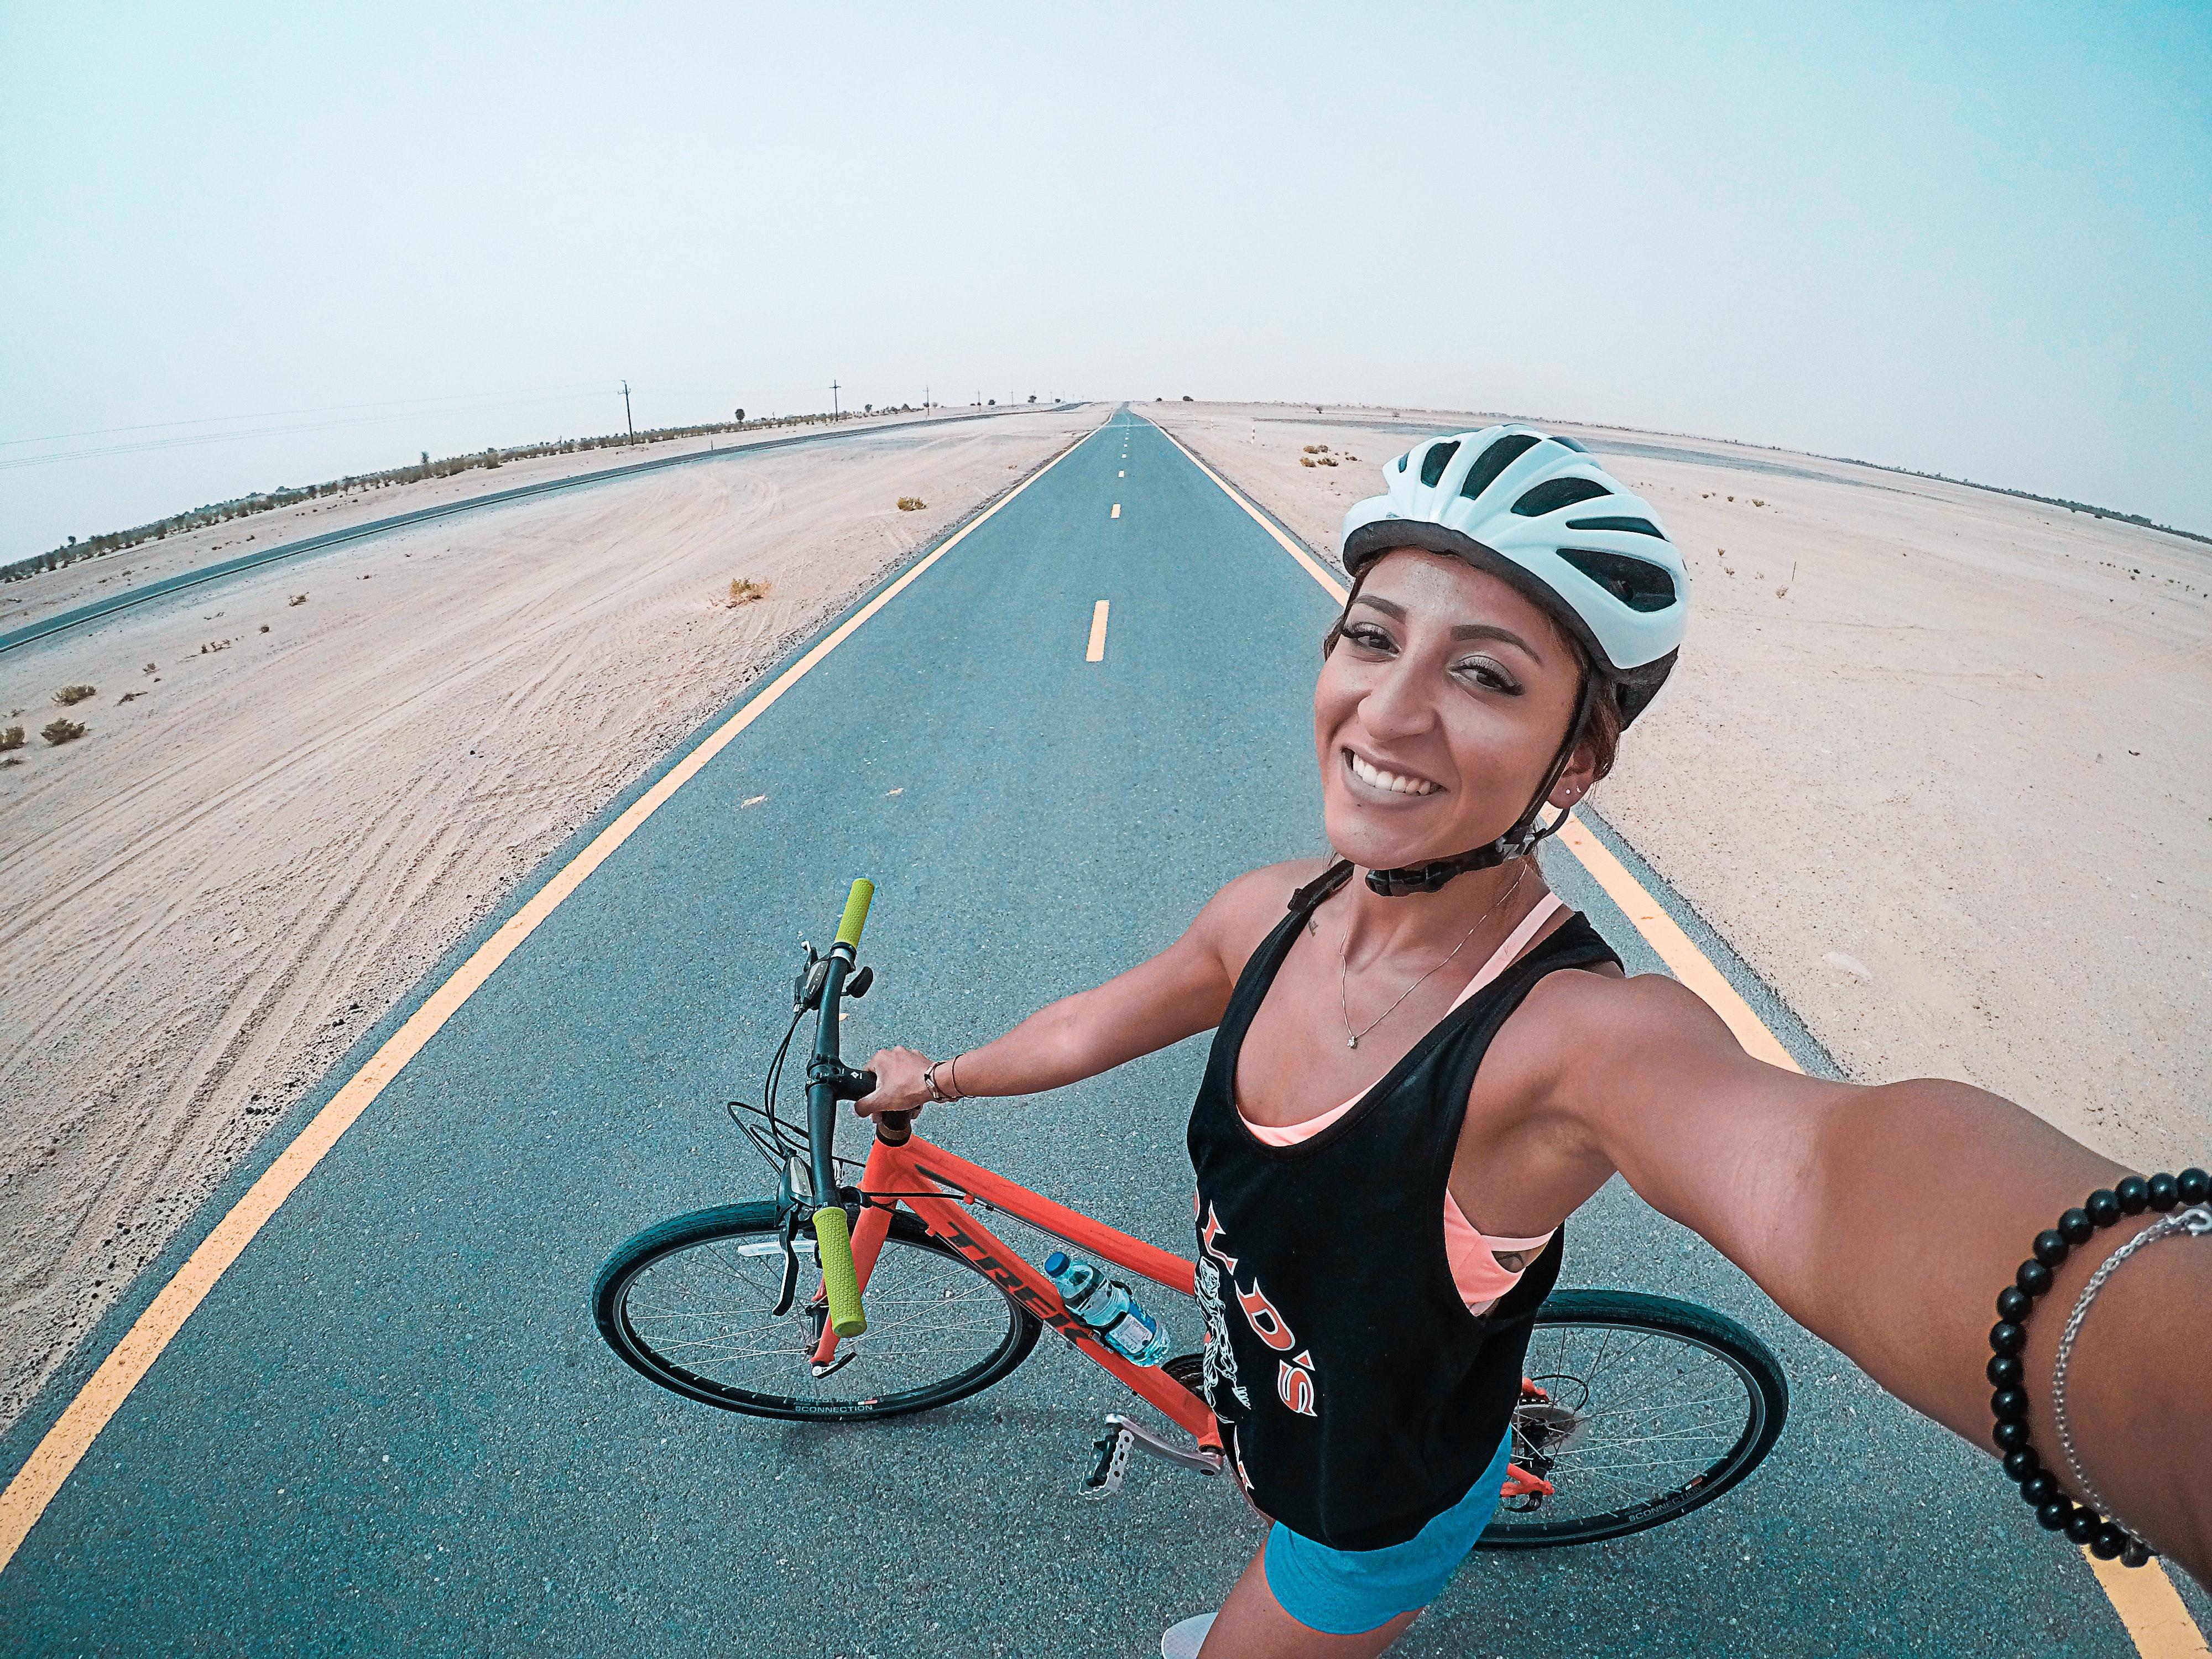 kerékpározás magas vérnyomás